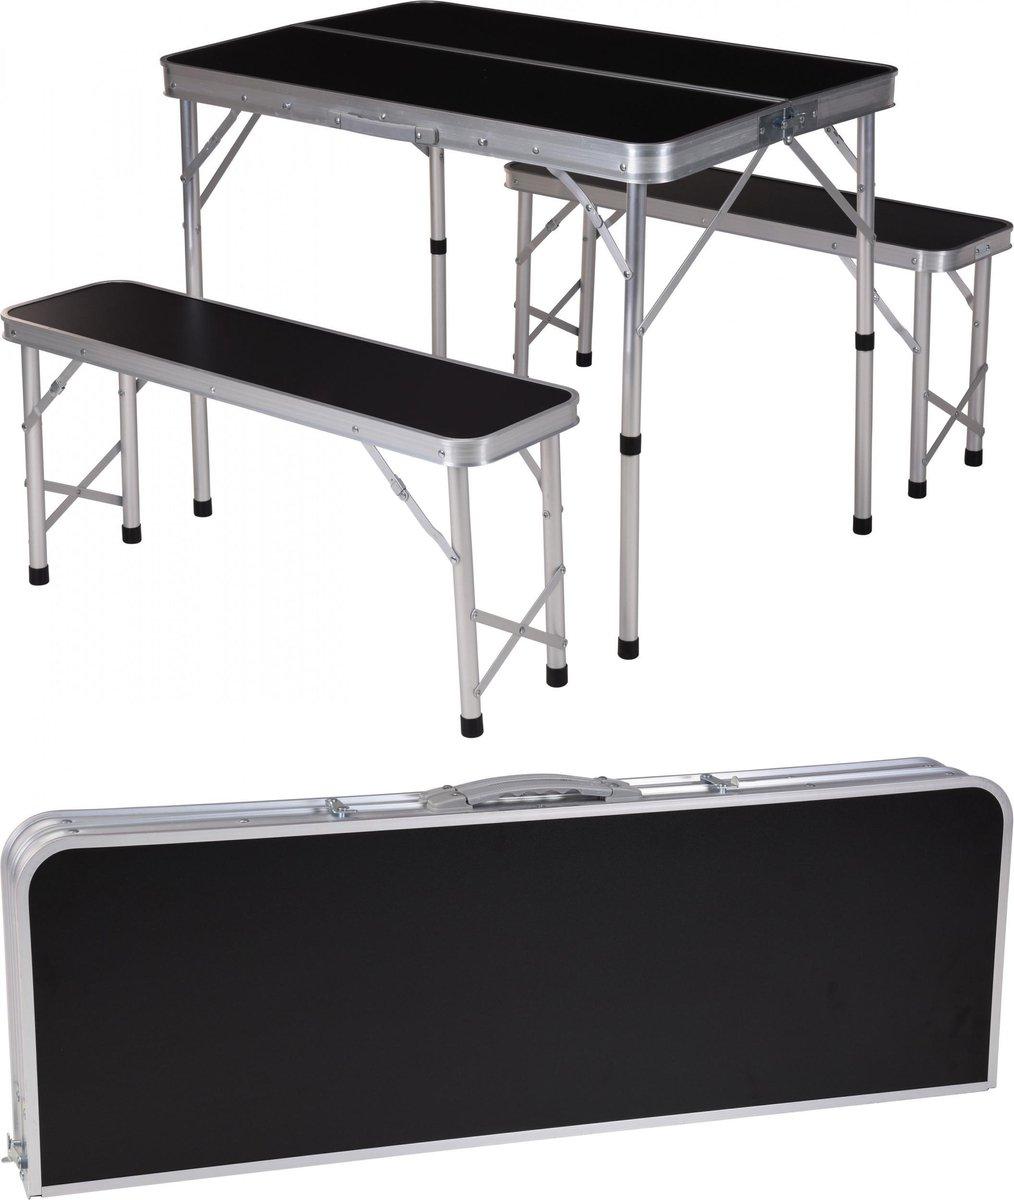 Inklapbare campingtafel met 2 banken - 90 x 60 x 70cm kopen